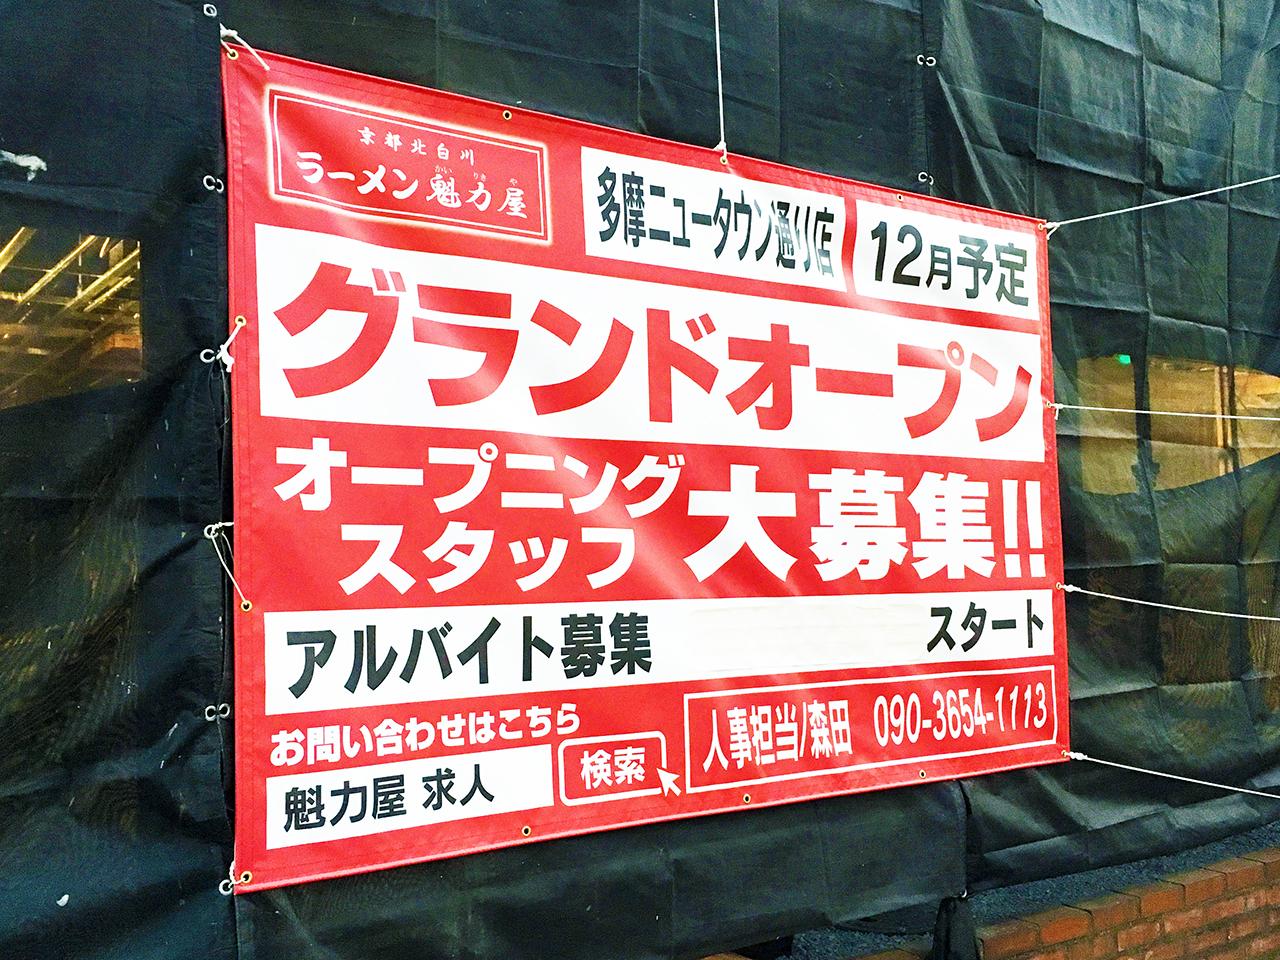 吉野家多摩ニュータウン店跡地に「ラーメン魁力屋」が開店するようです!